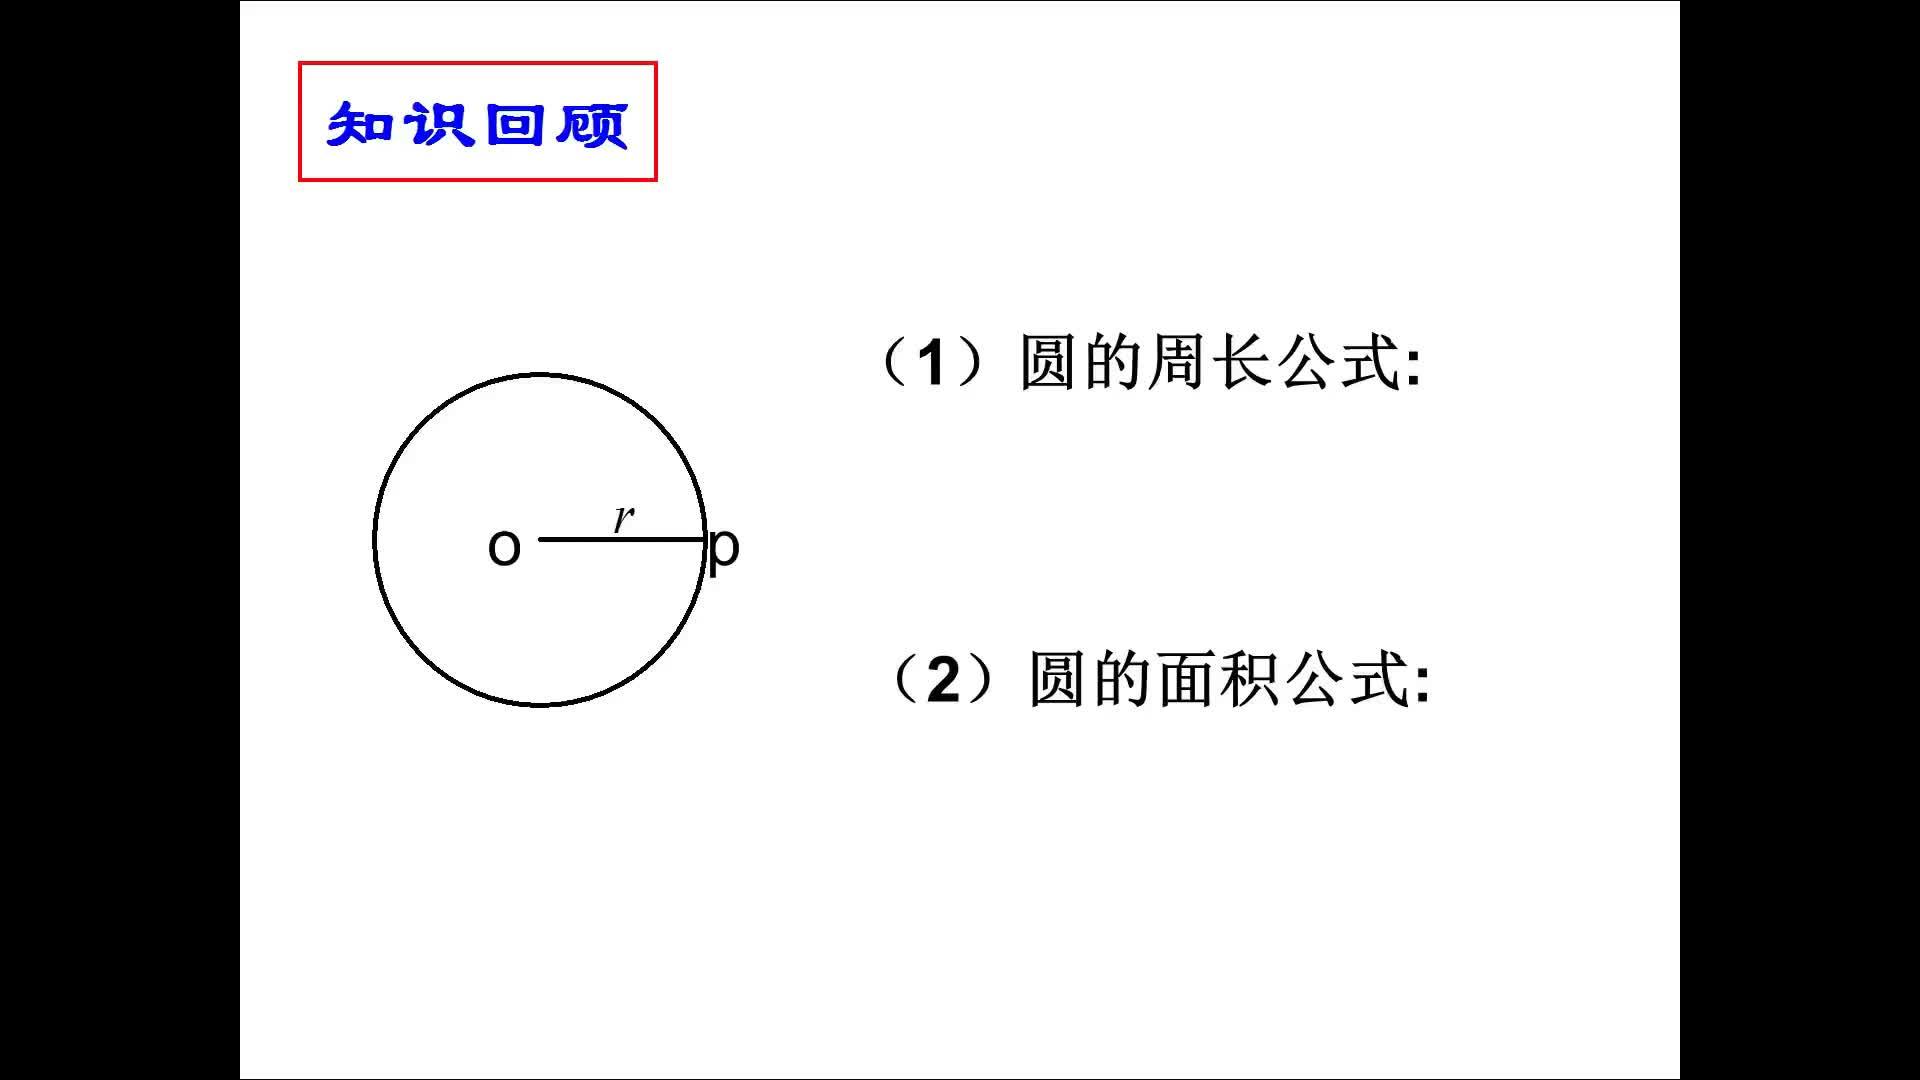 鲁教版(五四制)九年级数学下册 5.9弧长和扇形面积-课堂实录